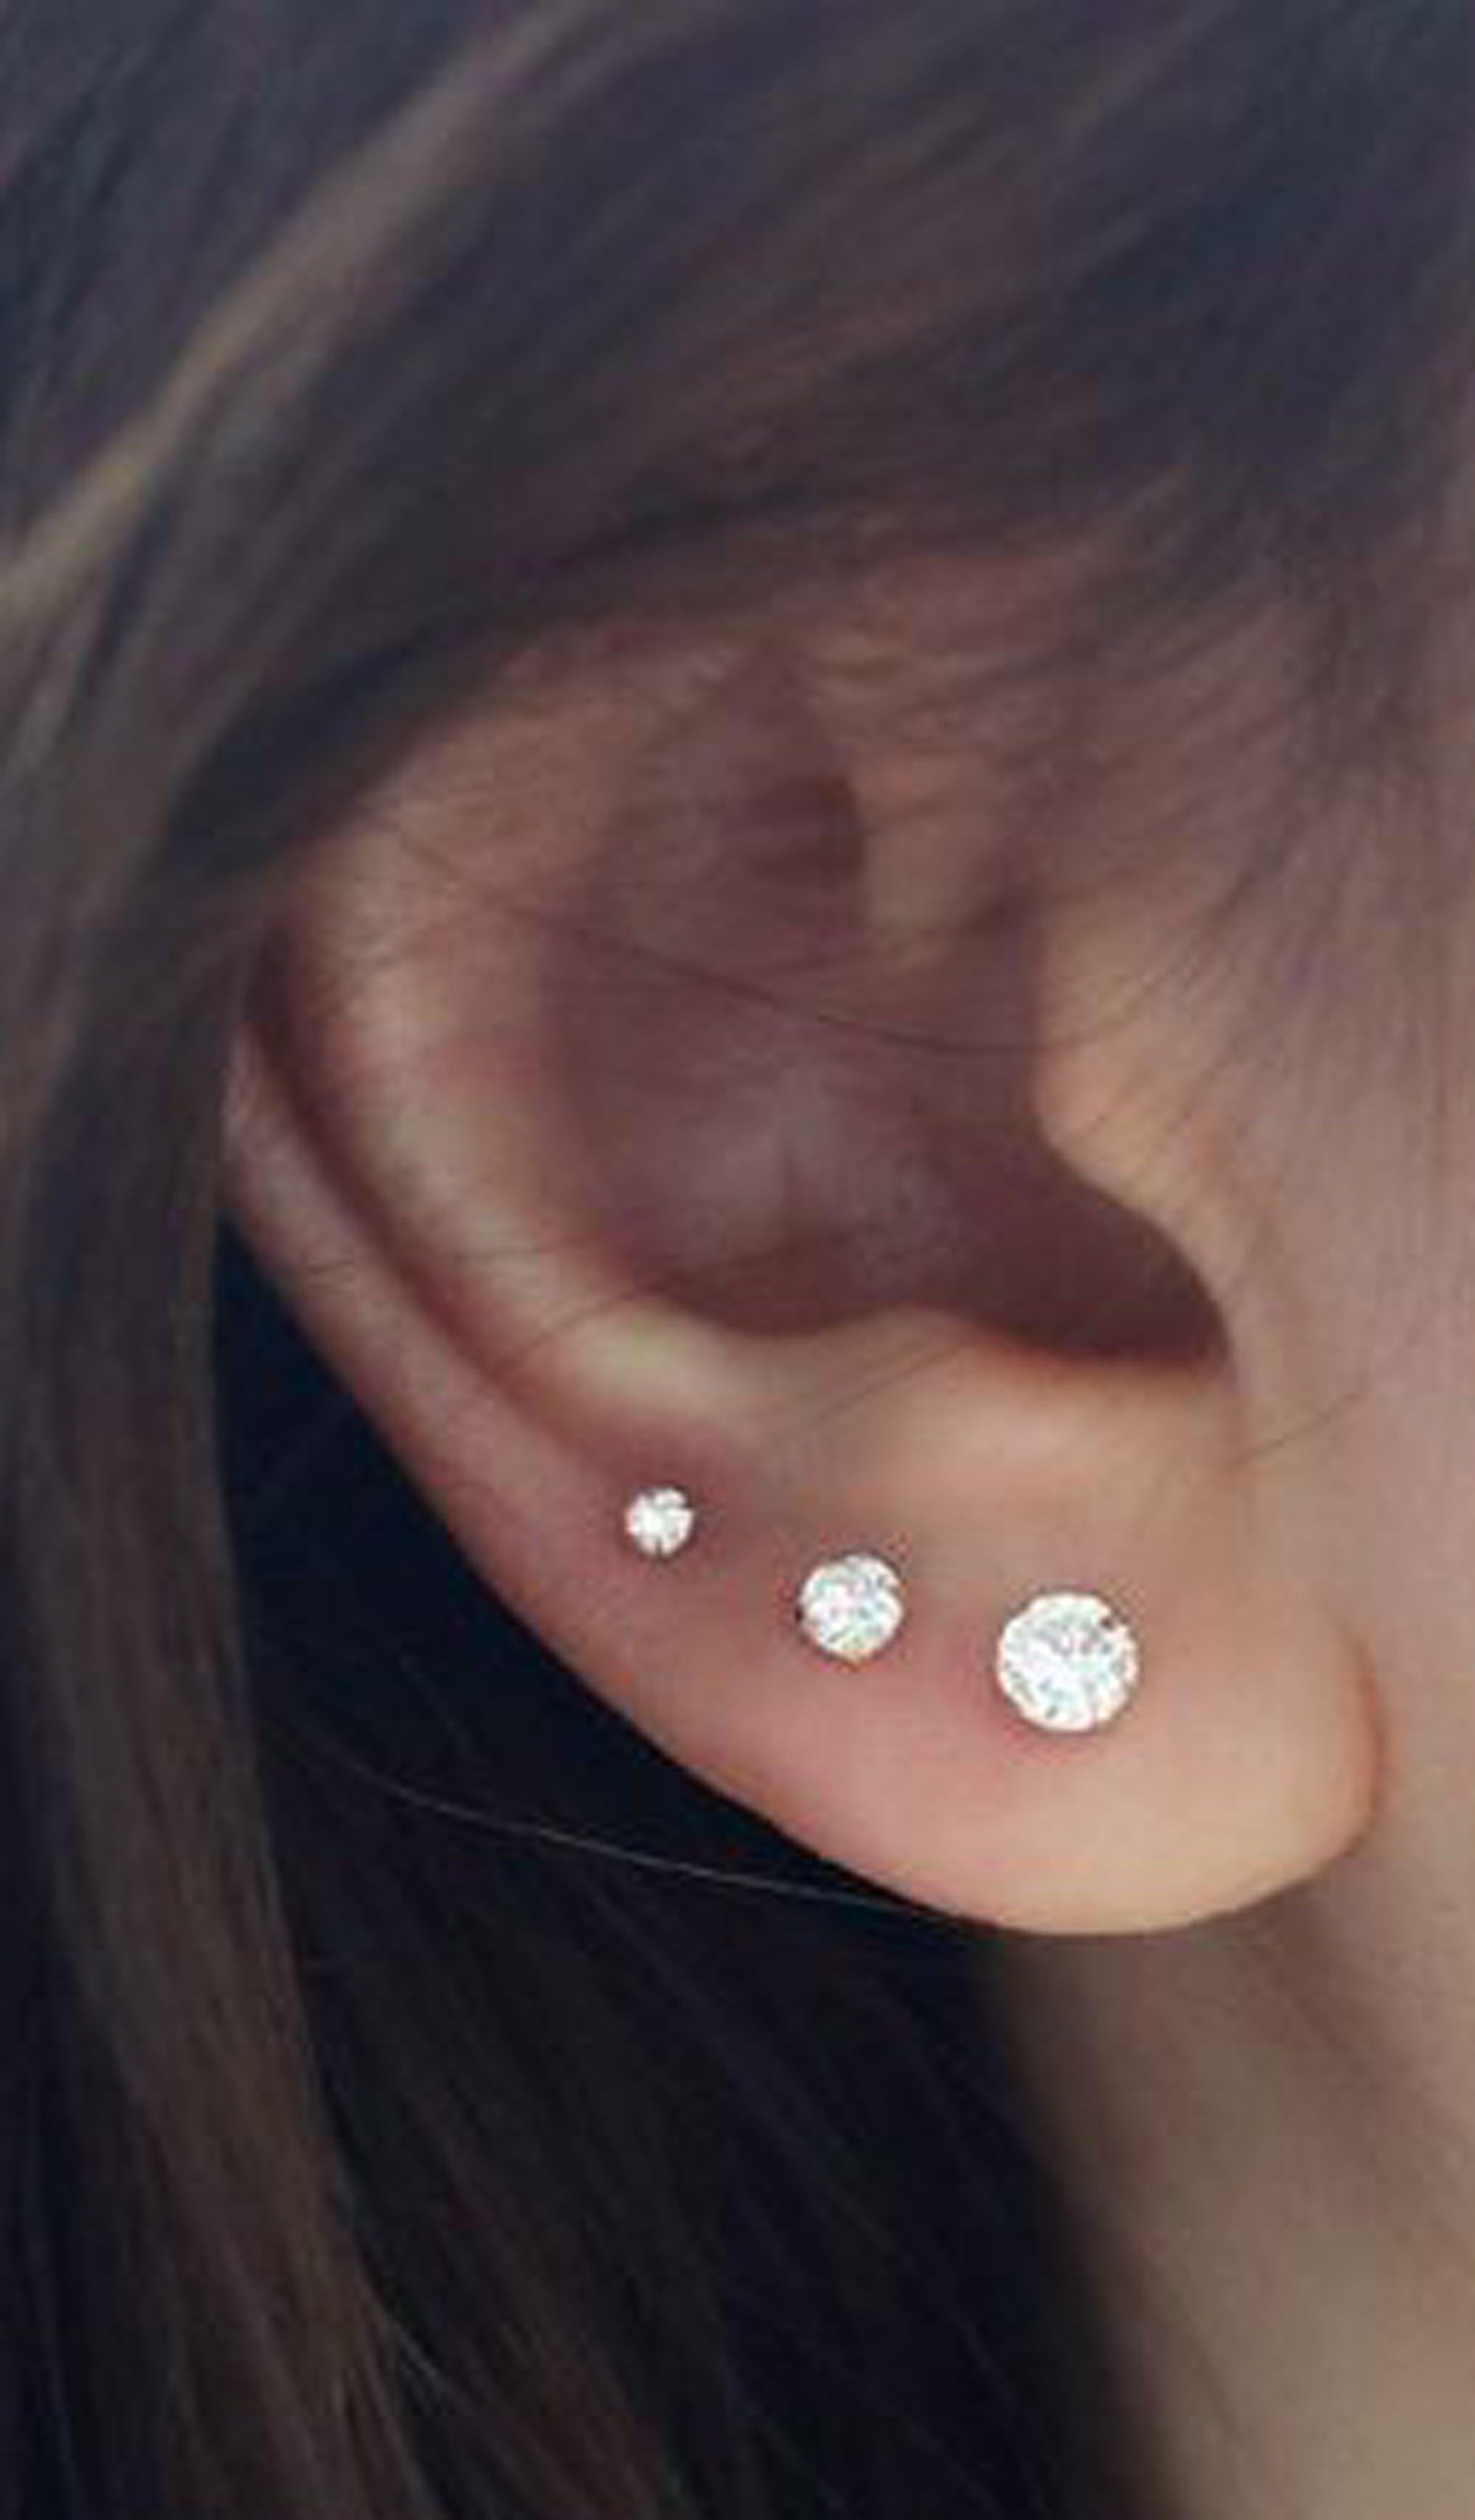 1dcfcd488 cute crystal ear stud earring ear piercing jewelry ideas for women